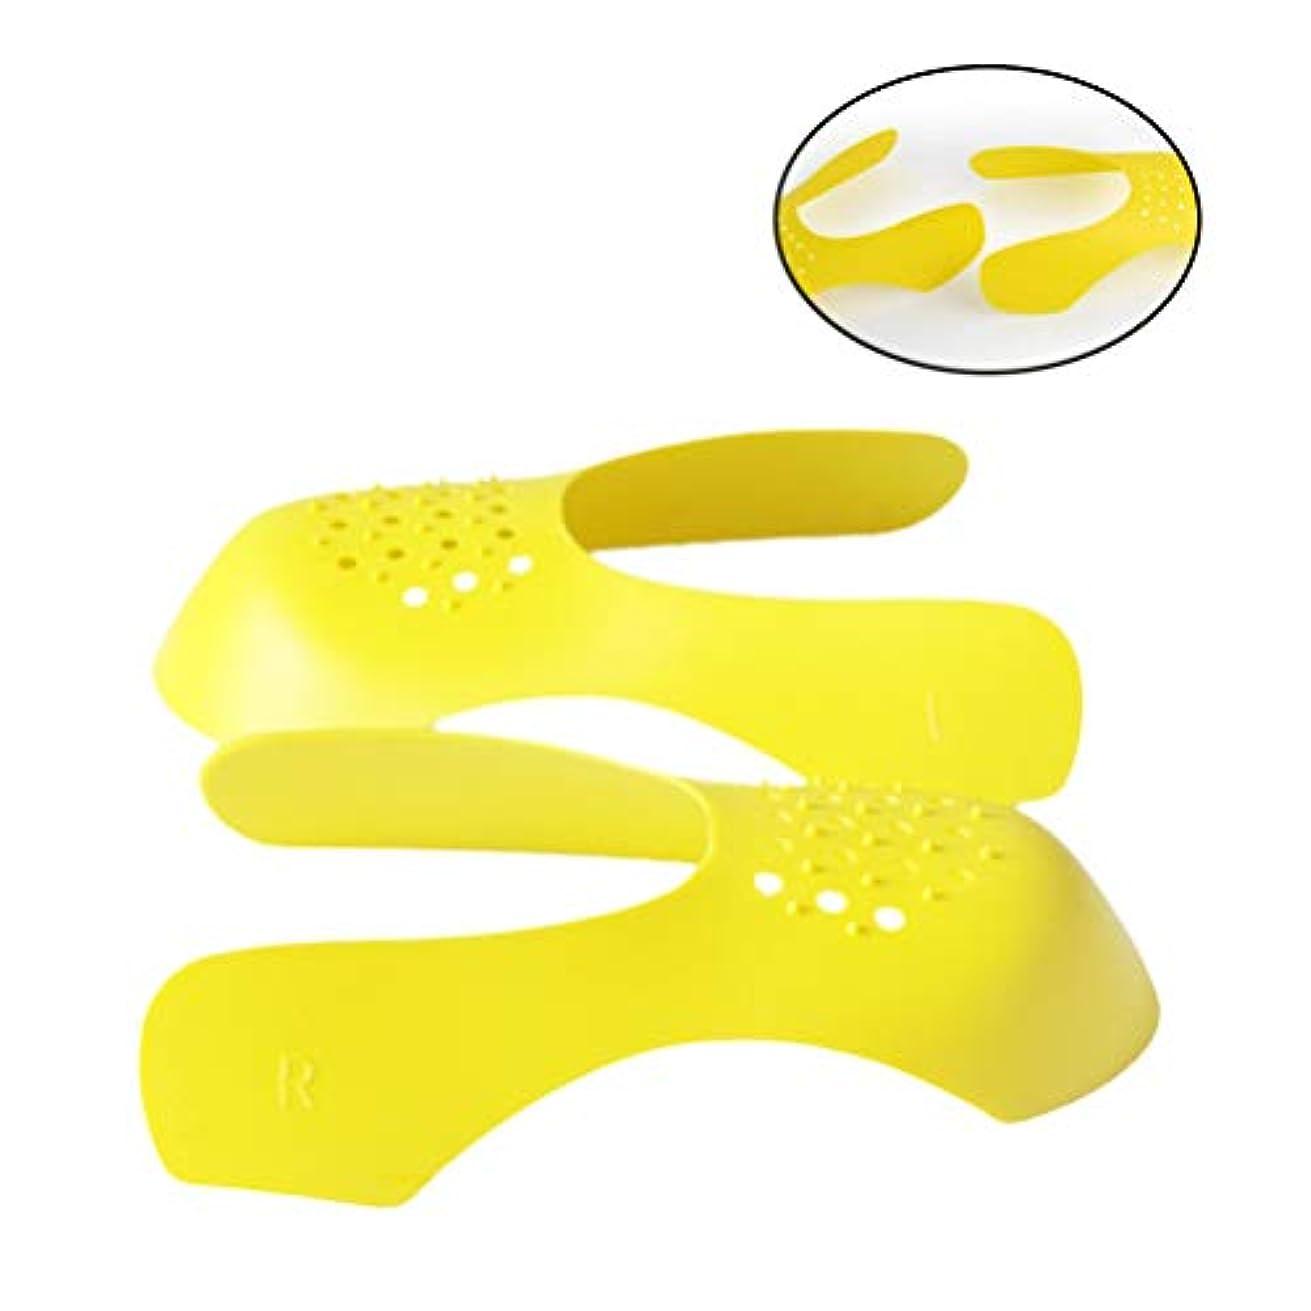 ラオス人ボール乳HEALLILY 靴プロテクター1ペアしわ防止装置しわ防止フロントしわ靴サポートサイズl 40-45(黄色)